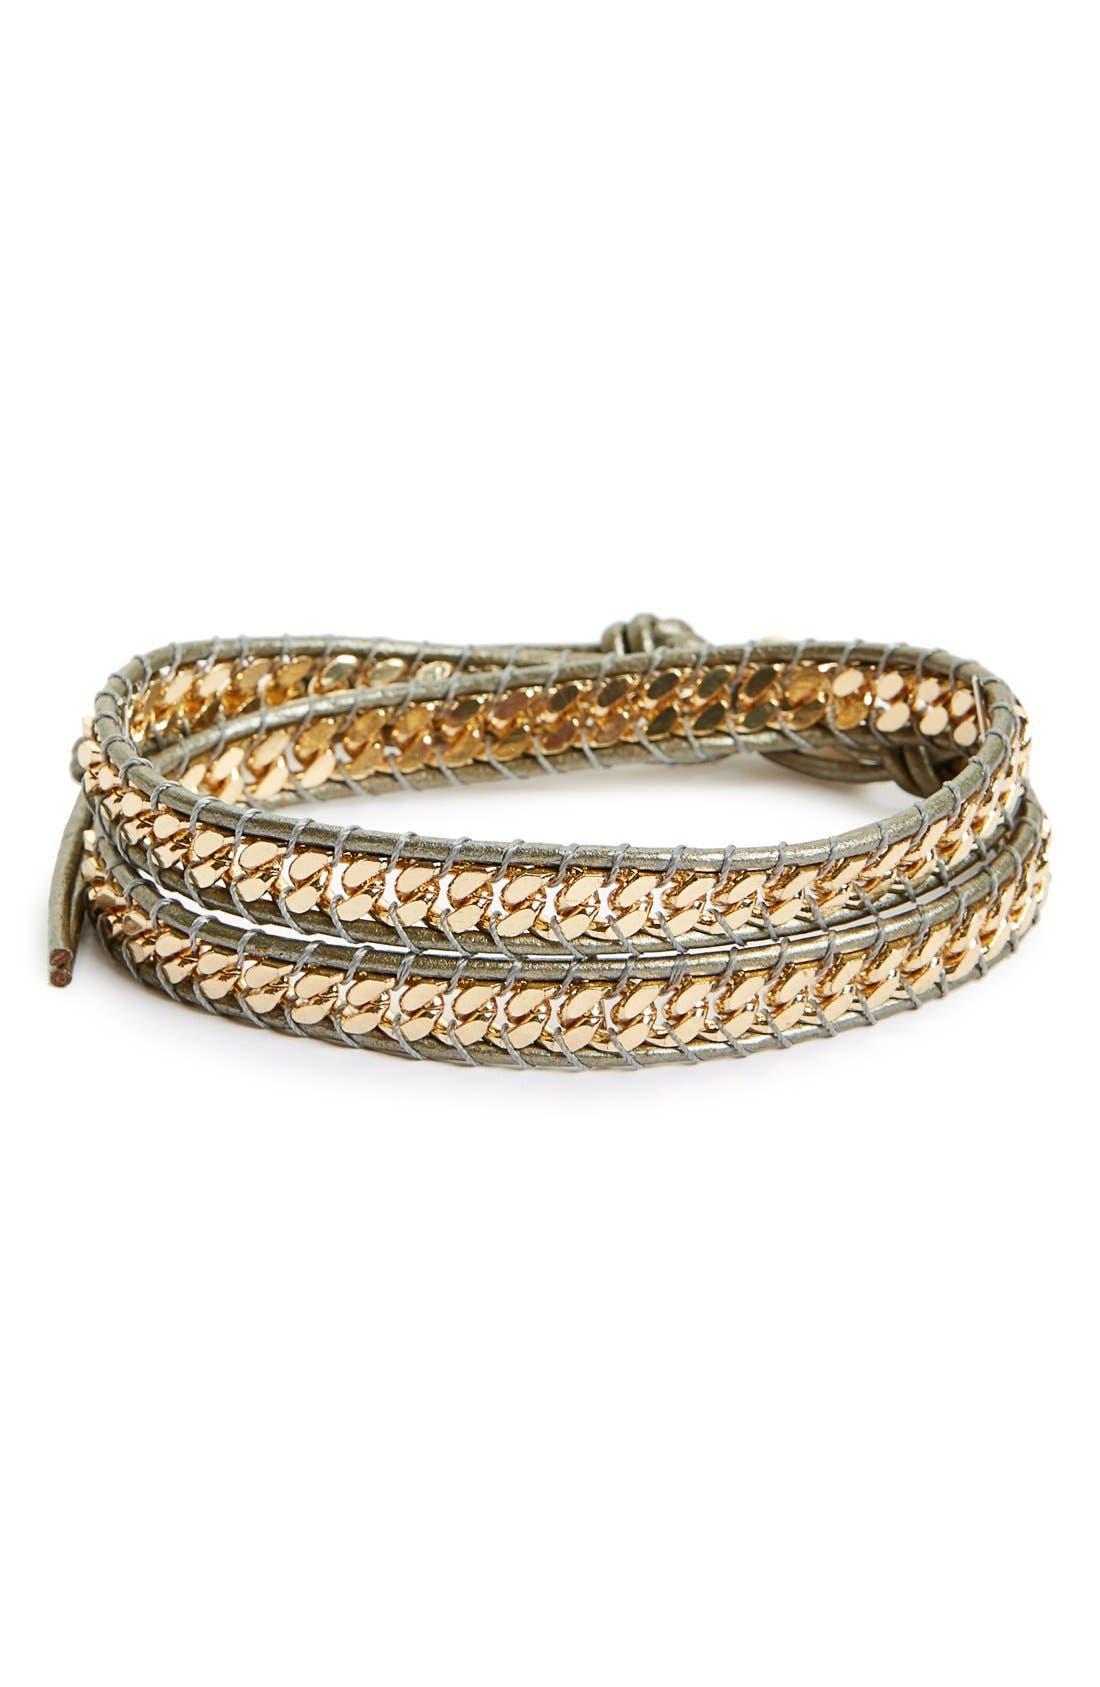 Panacea Curb Chain Wrap Bracelet